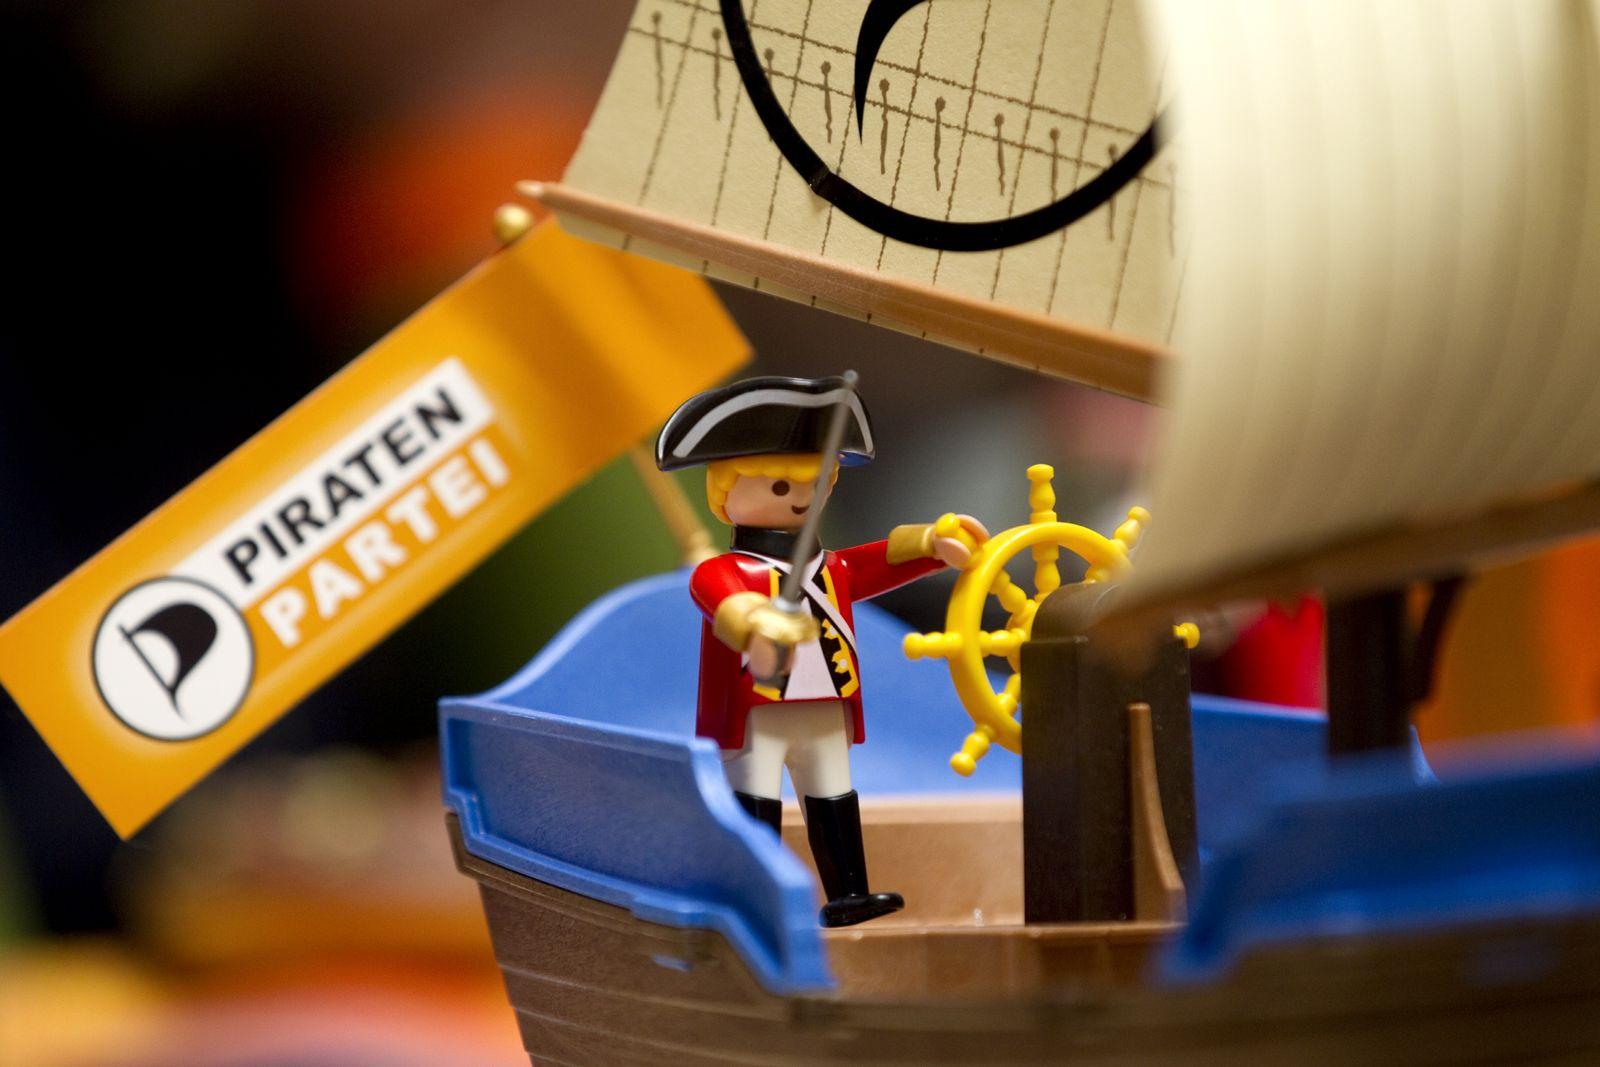 NICHT VERWENDEN Playmobil-Figur mit Flagge der Piratenpartei